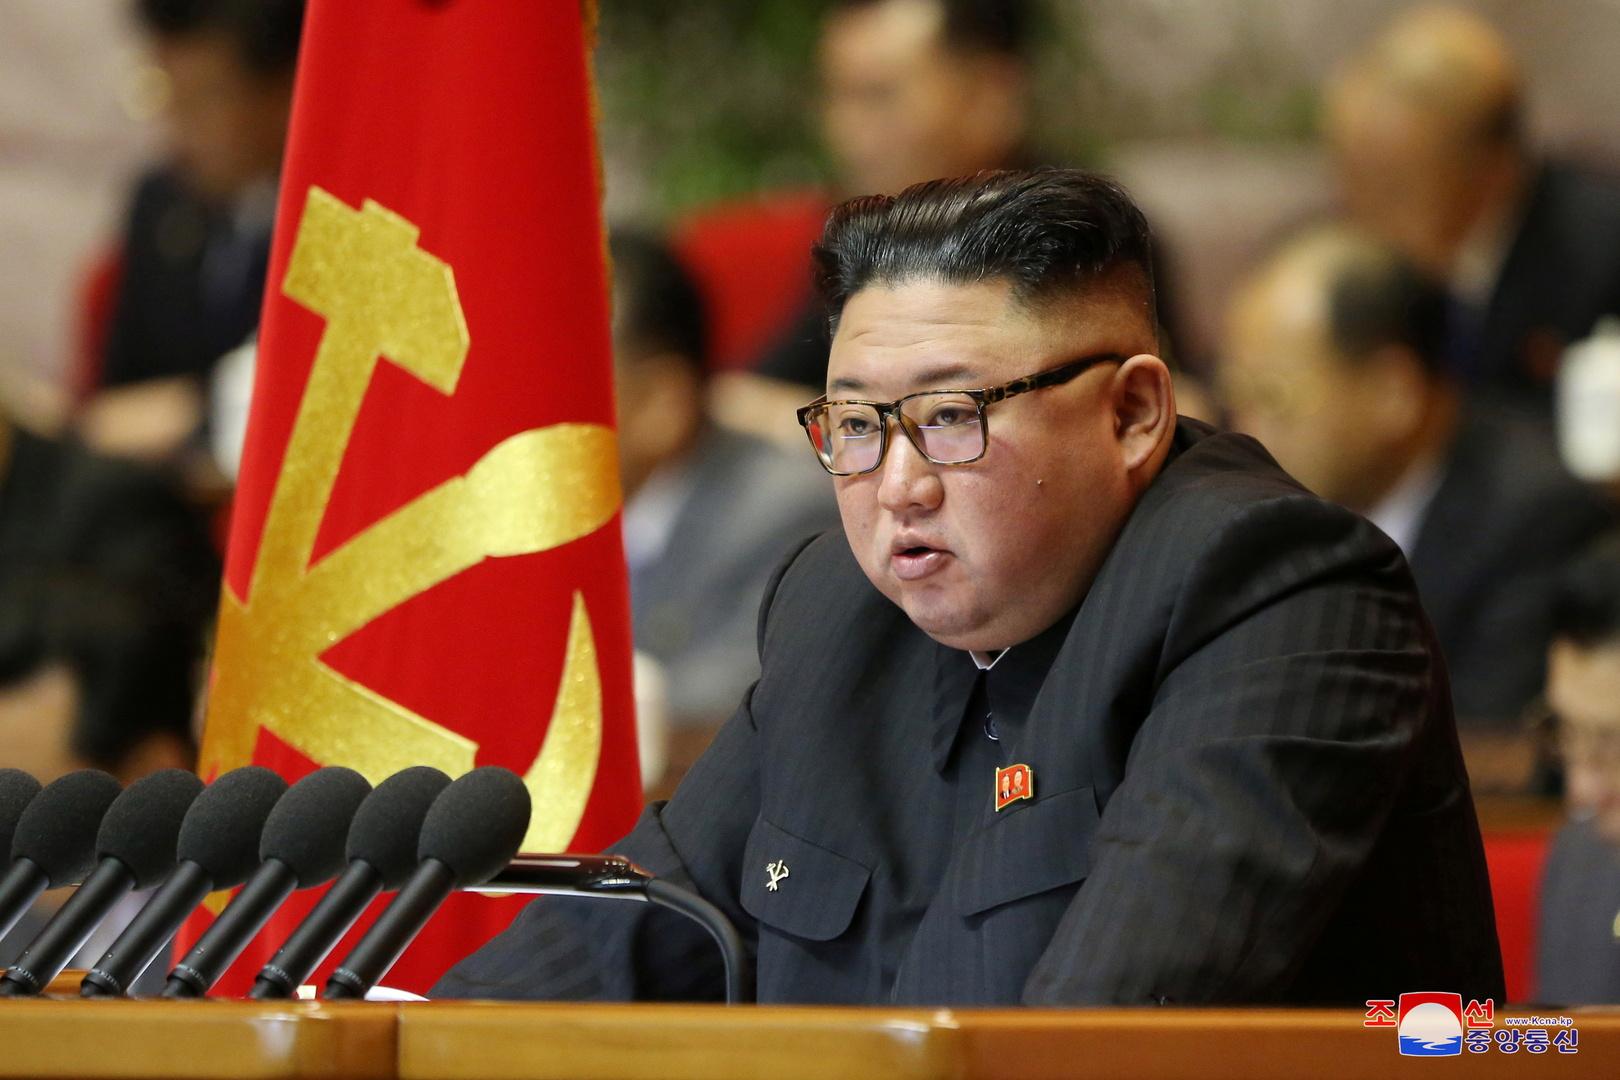 كيم جونغ أون: نعتزم تطوير علاقاتنا مع روسيا والصين